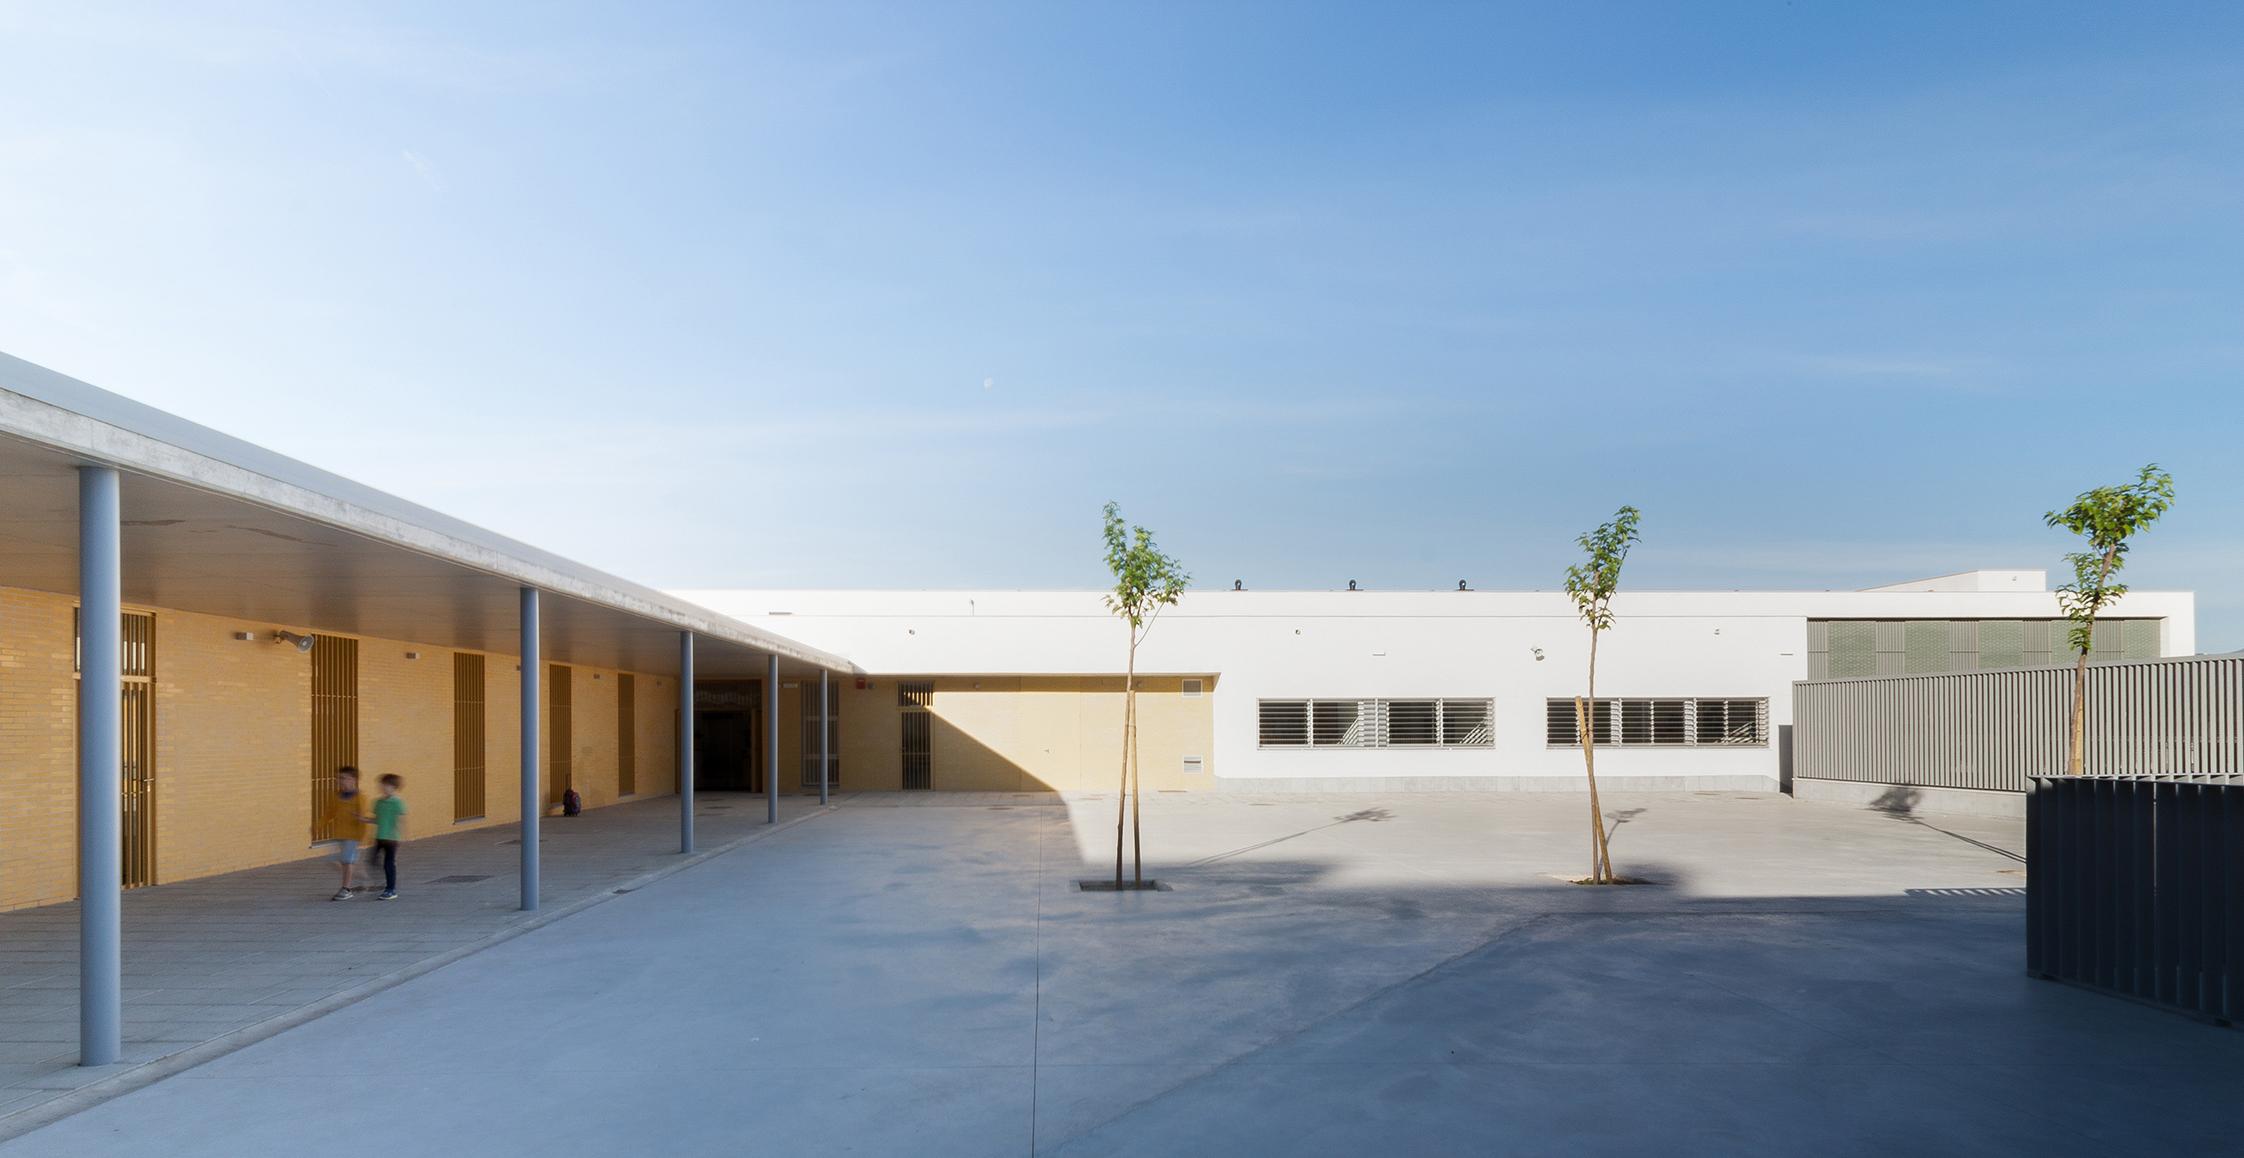 Centro de educación primaria en Vélez-Málaga